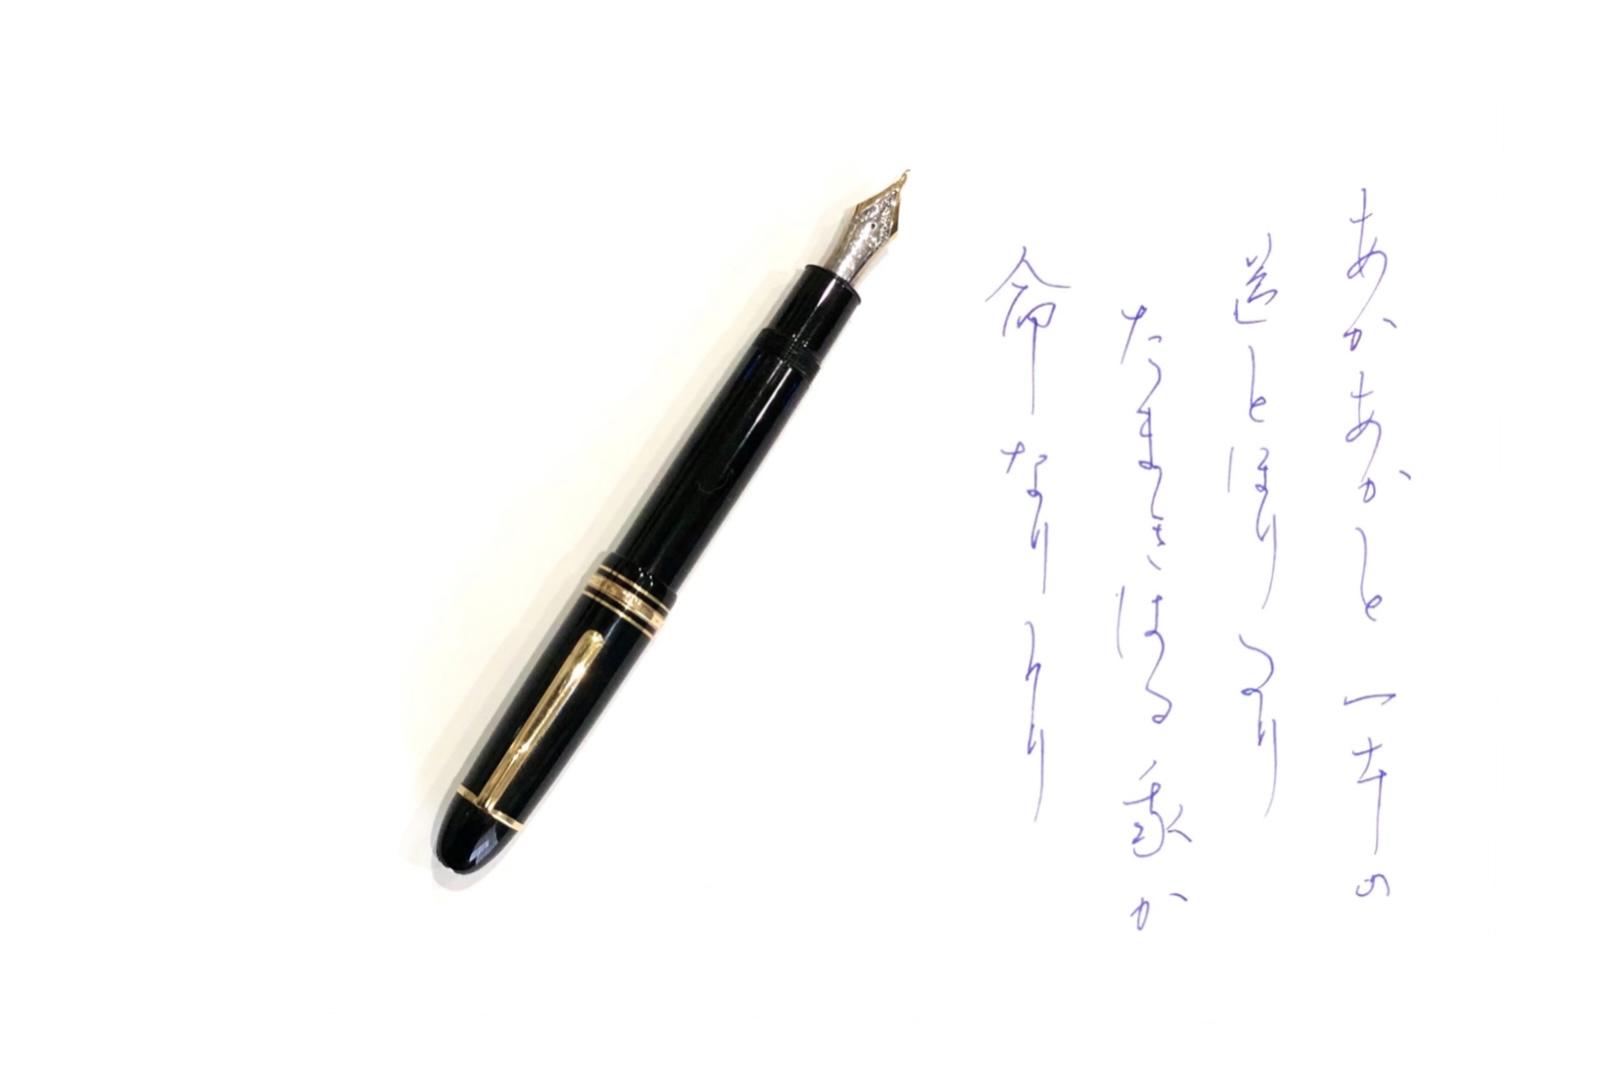 http://kanezaki.net/blog/akiko08.jpeg